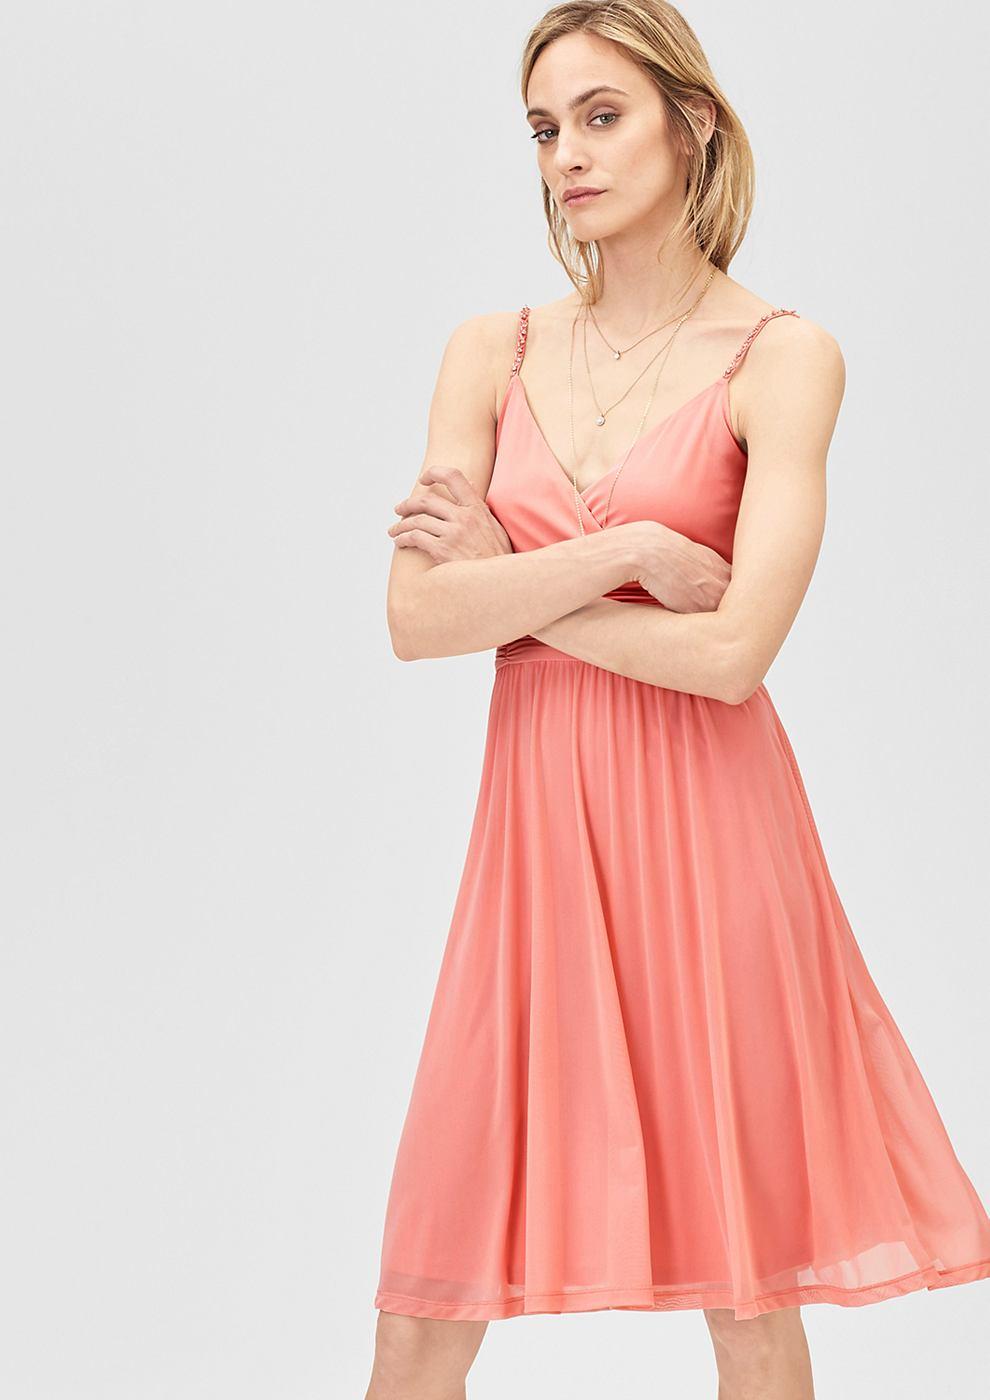 s.Oliver Premium Mesh jurk met stras-schouderbandjes oranje